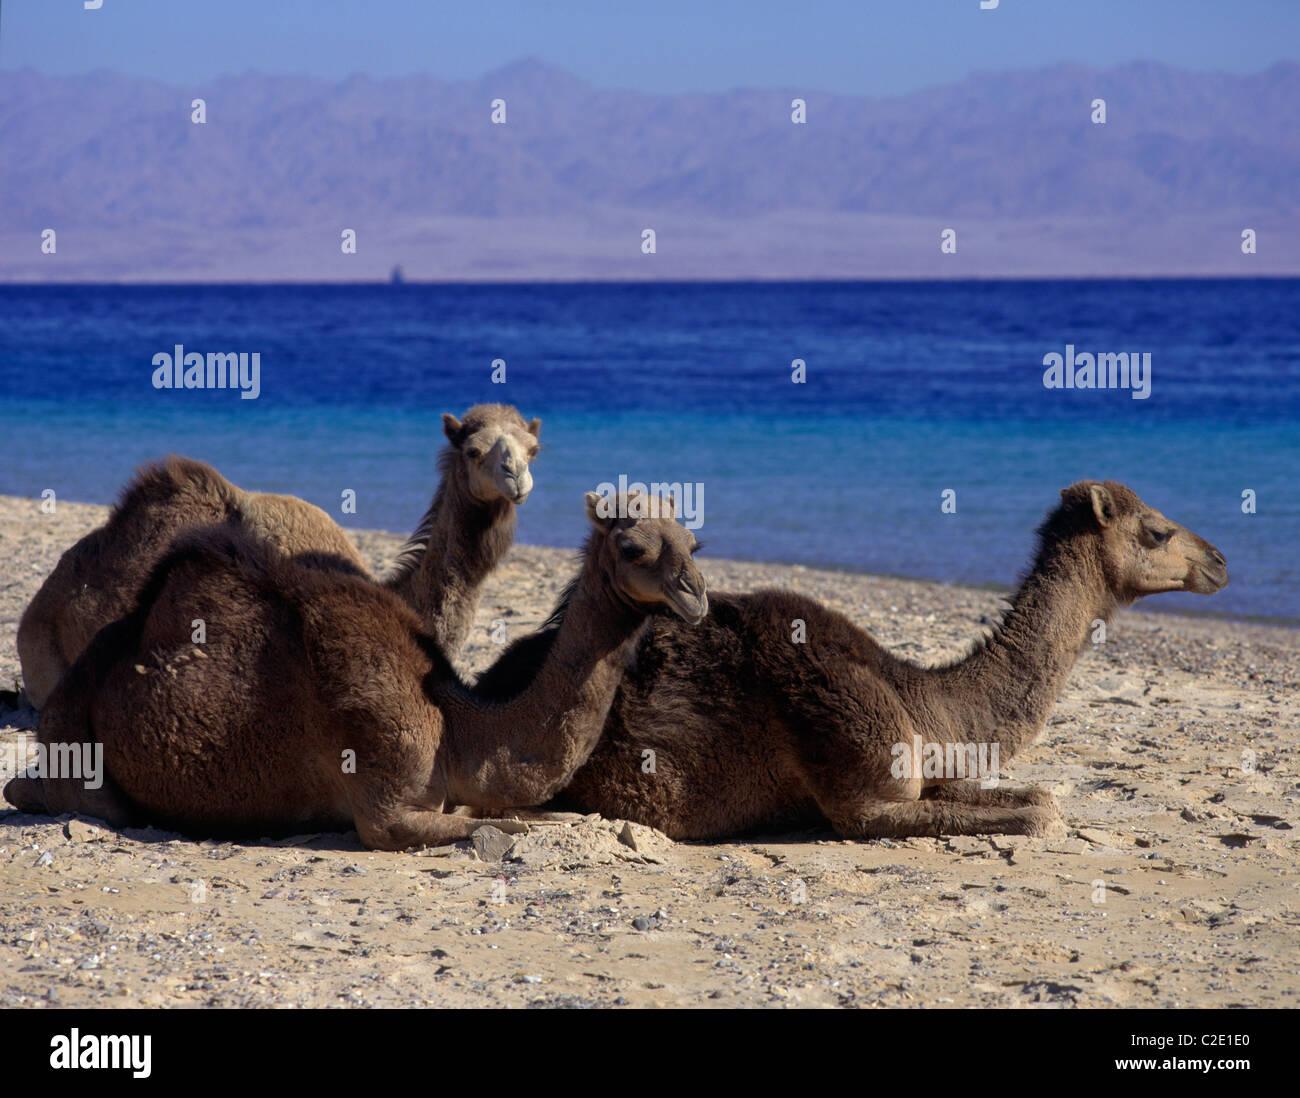 Nuweiba Gulf Of Aquaba Egypt - Stock Image